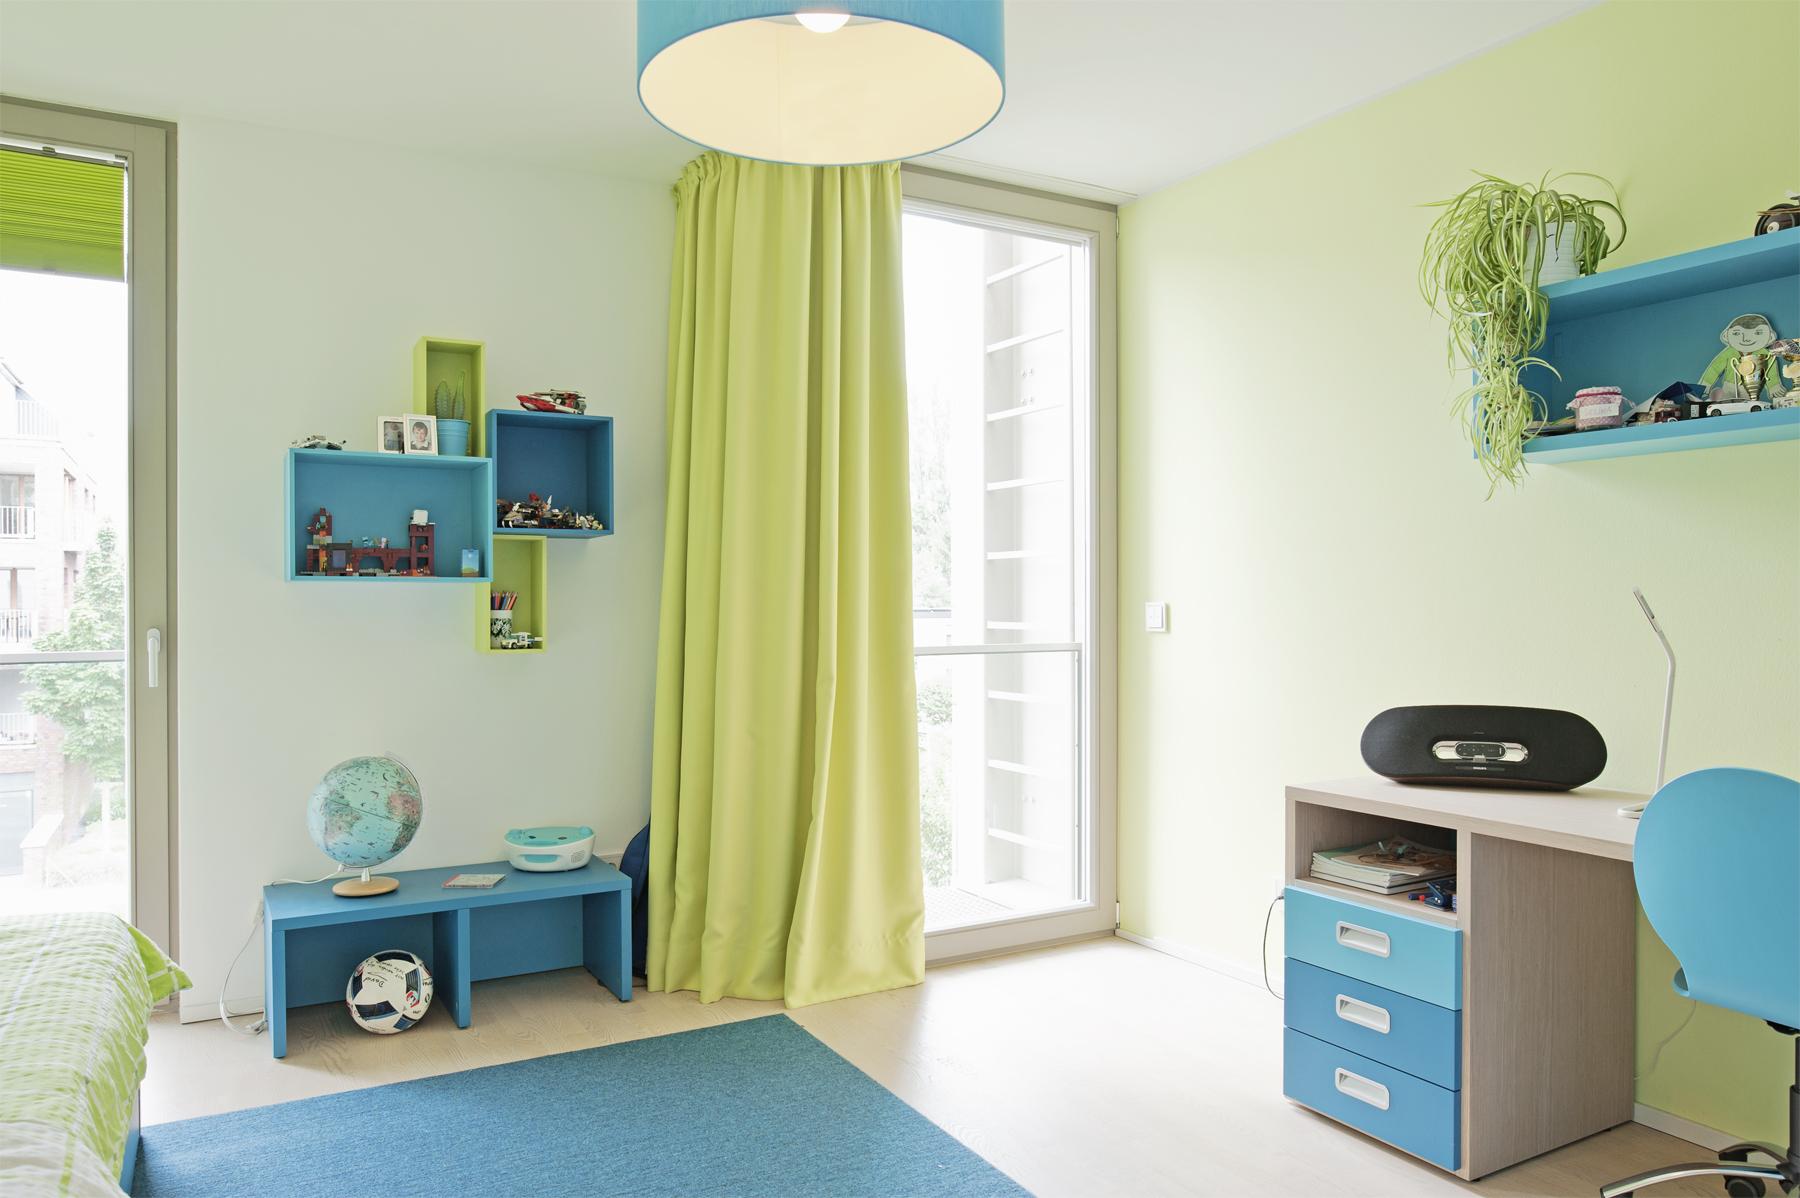 Mobimio kinderzimmer jugendzimmer zum wohlf hlen for Wandfarbe jugendzimmer junge